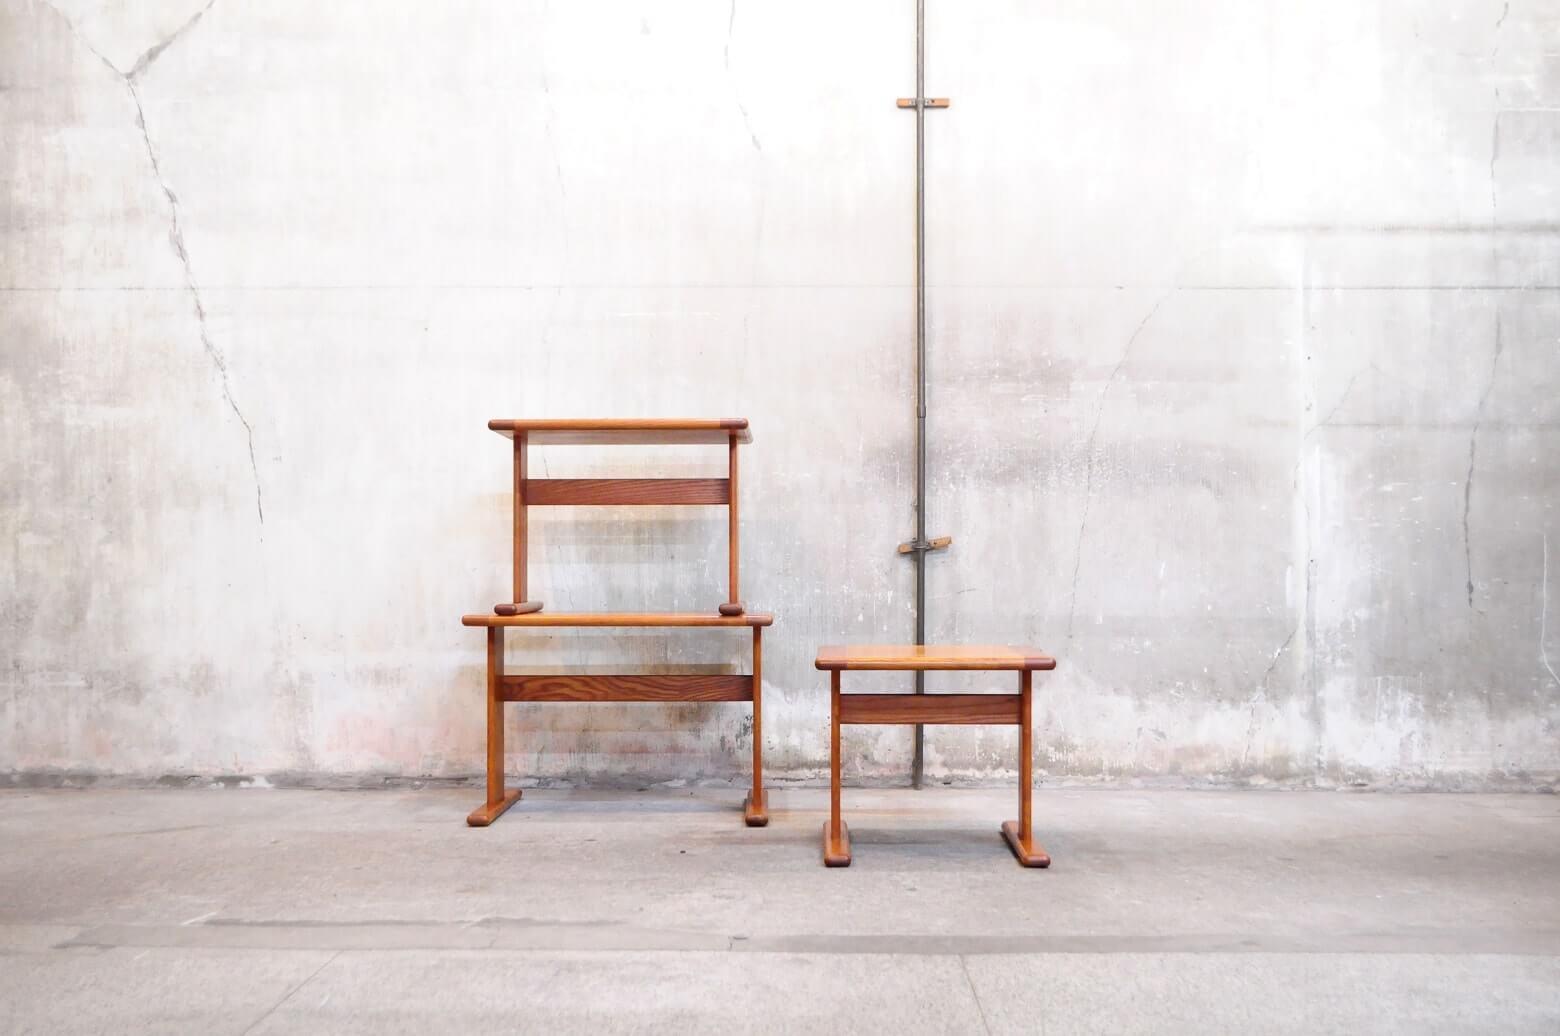 UK E GOMME G PLAN SERIES OAK WOOD 1970s VINTAGE NEST TABLE / イギリス ジープラン オーク材 ビンテージ ネストテーブル 【商品説明】 UKヴィテージの代名詞ともいえるE GOMME社 G PLANシリーズの 珍しい通常のネストテーブルより少し大きめのネストテーブルが入荷致しました。 太く設計された二本脚が印象的なネストテーブル。 安定感もよく、幅も広いので小さなお子様用のテーブルにもおすすめです。 また、文庫本などを置く際も、脚がブックエンド代わりとなり 縦に陳列ができる本棚としてもご使用頂けます。 ソファのサイドテーブルになど様々な使い方が楽しめる こちらのネストテーブル是非この機会にいかがでしょうか。 中古,東京都,杉並区,阿佐ヶ谷,北,アンティーク,ショップ,古一,店,古,一,出張,無料,買取,杉並区,周辺,世田谷区,目黒区,武蔵野市,新宿区,東京近郊,お見積もり,ビンテージ家具,インテリア雑貨,ランプ,USED品, リサイクル,ふるいち,フルイチ,古一,used,furuichi~【東京都杉並区阿佐ヶ谷北アンティークショップ 古一】 古一/ふるいちでは出張無料買取も行っております。杉並区周辺はもちろん、世田谷区・目黒区・武蔵野市・新宿区等の東京近郊のお見積もりも!ビンテージ家具・インテリア雑貨・ランプ・USED品・ リサイクルなら古一/フルイチへ~